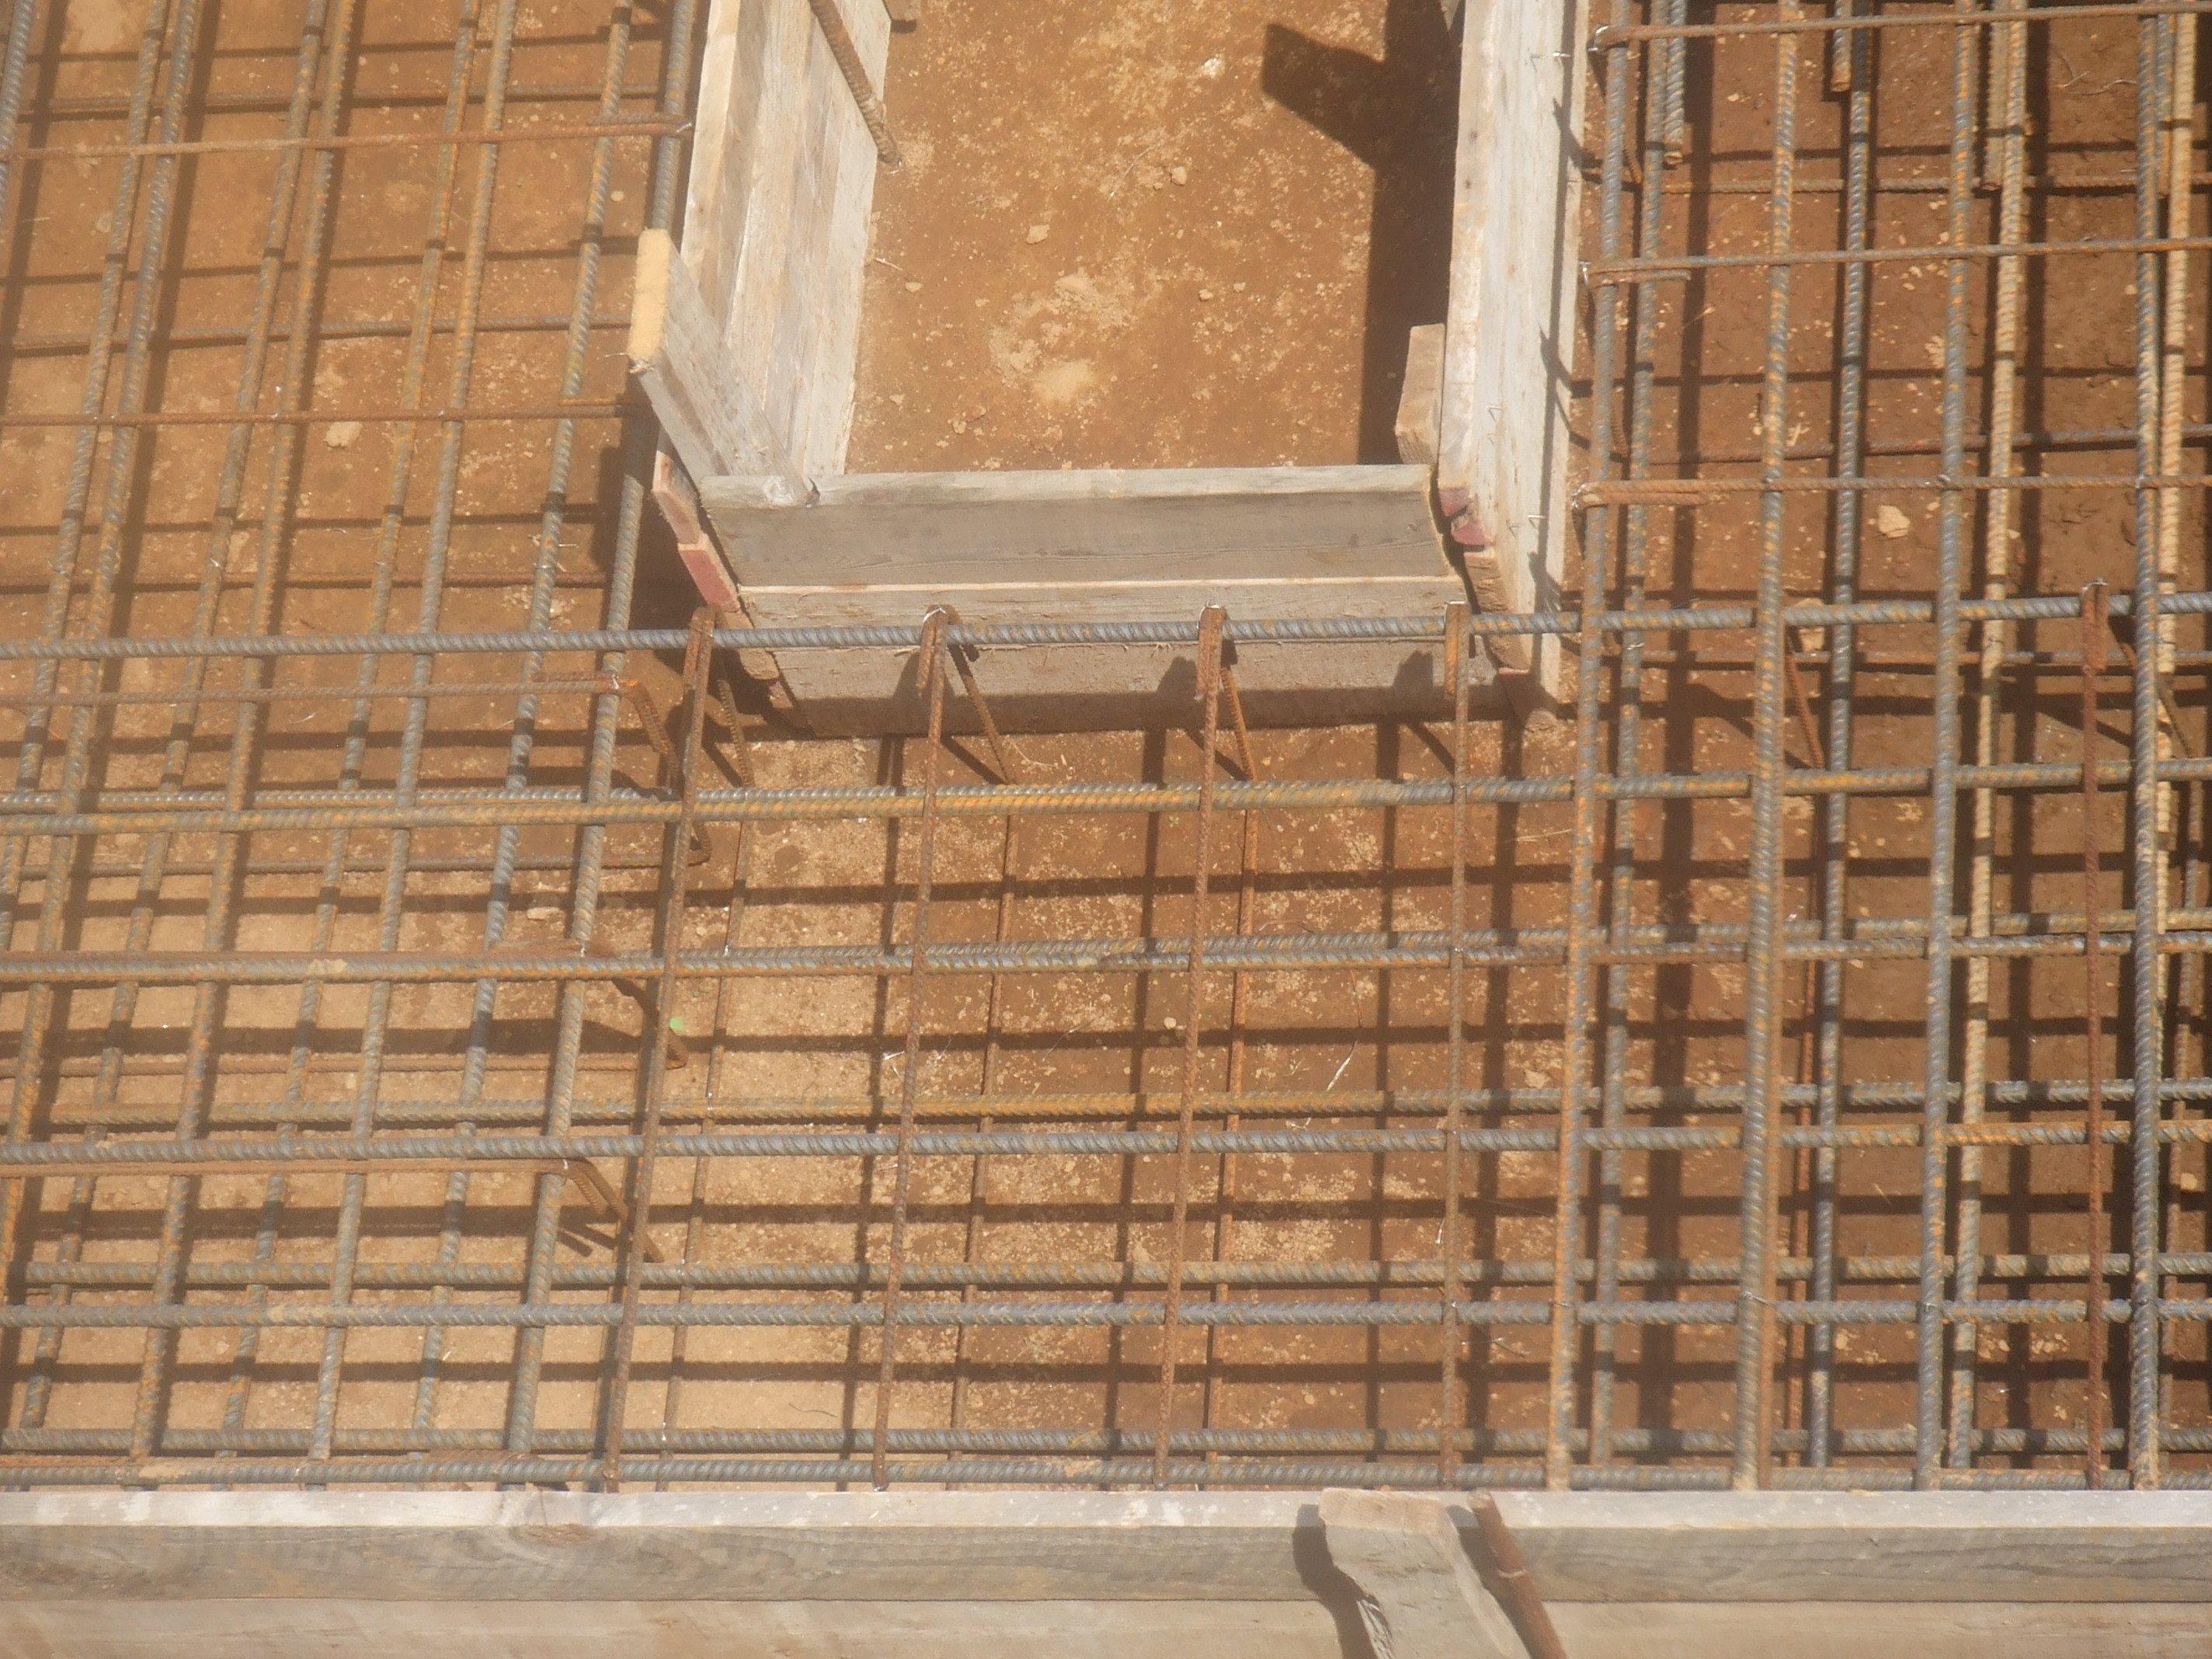 lavori edili 11